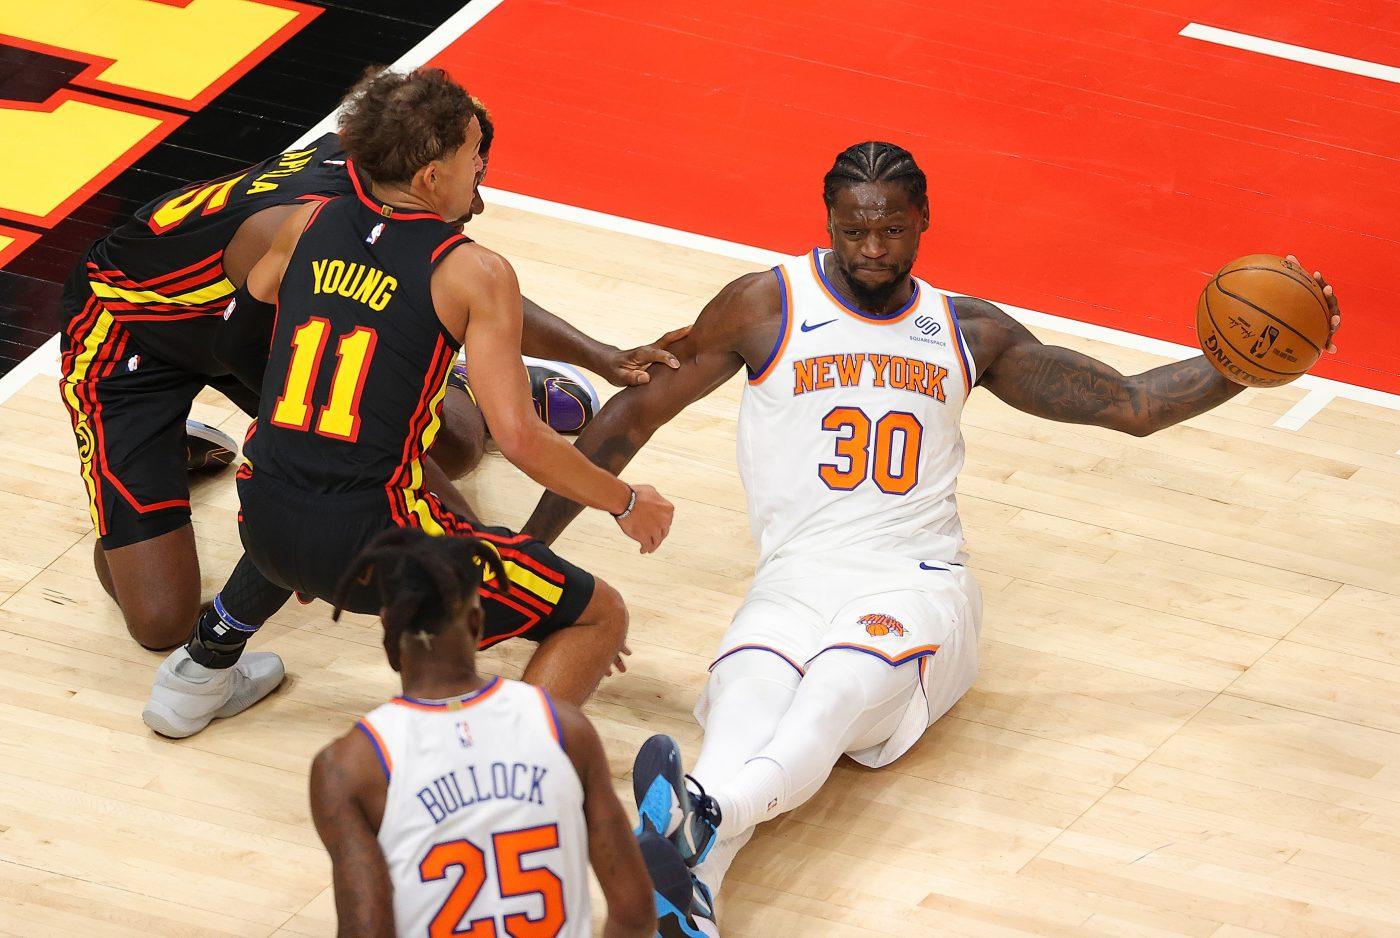 Zapowiedź Playoffs 2021: Knicks vs Hawks